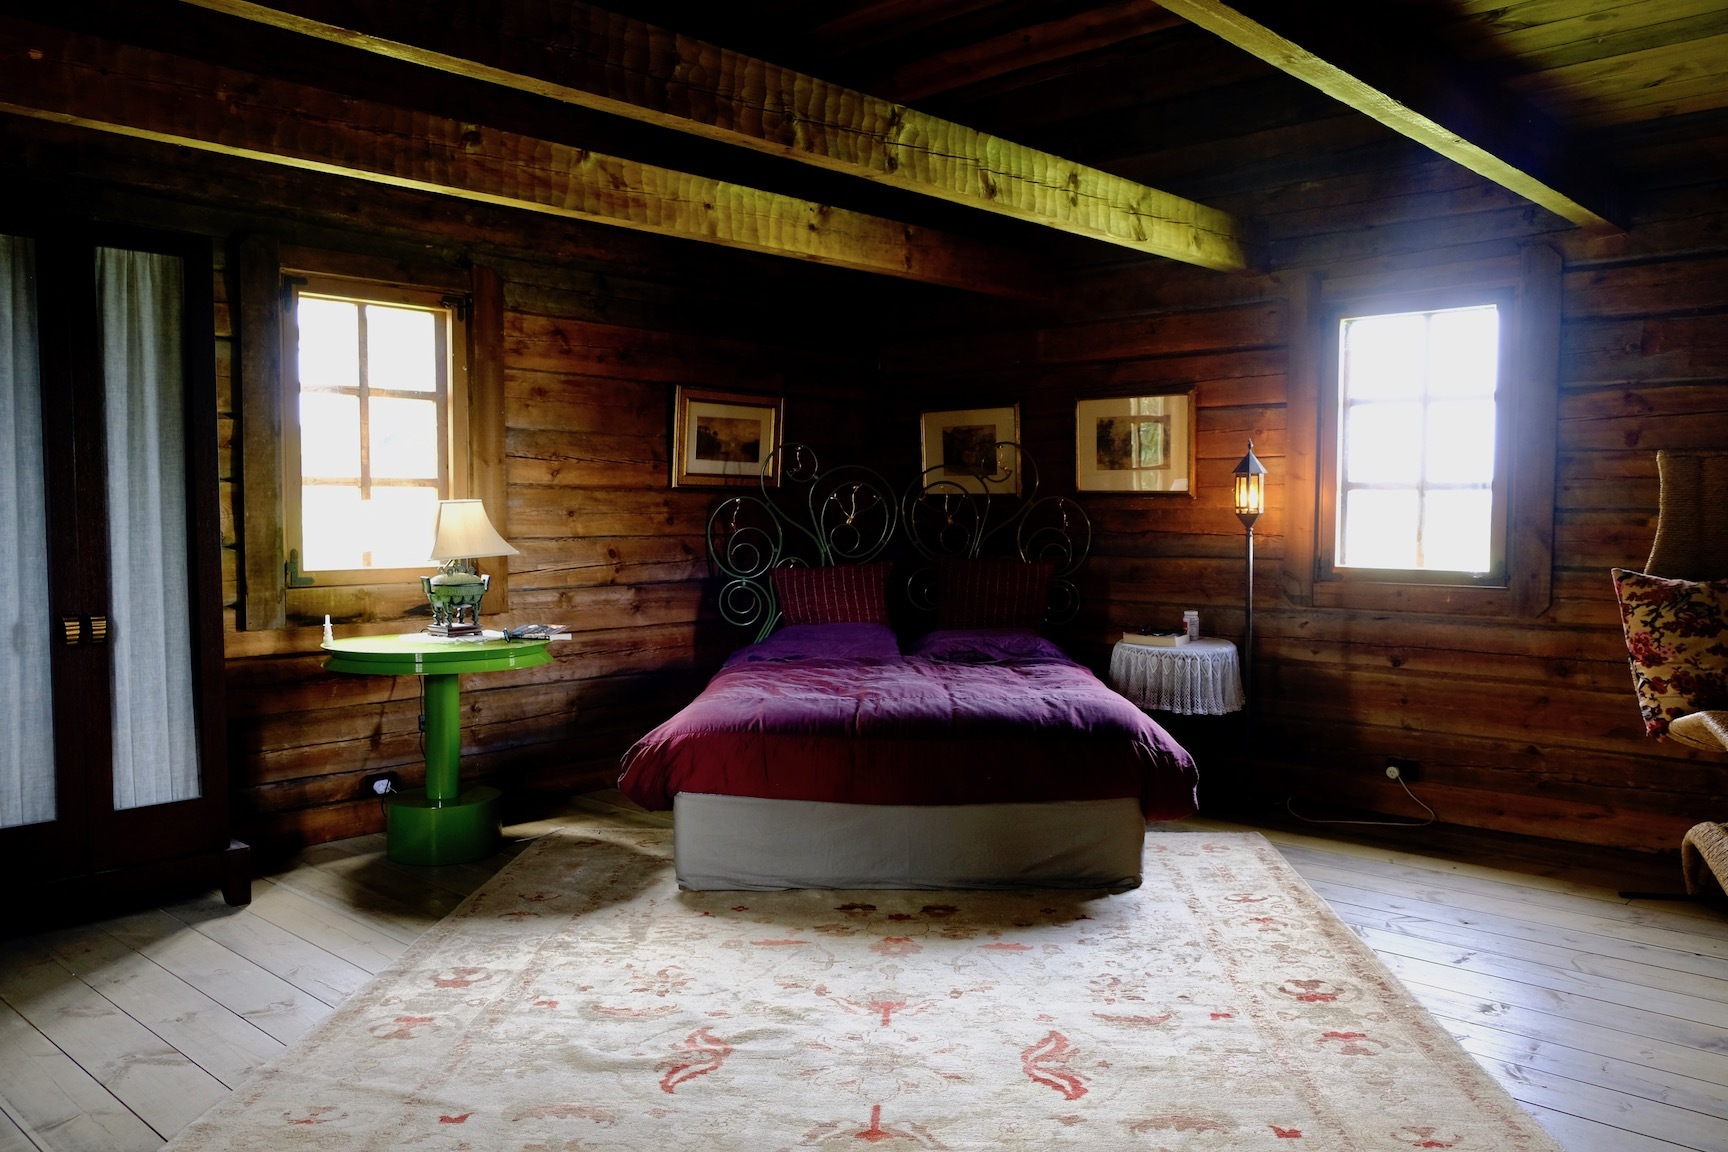 赤い空、グラスハウス、ログハウス内装/ Orange Sky, Glasshouse, Log Cabin Interior_e0310424_19173632.jpg